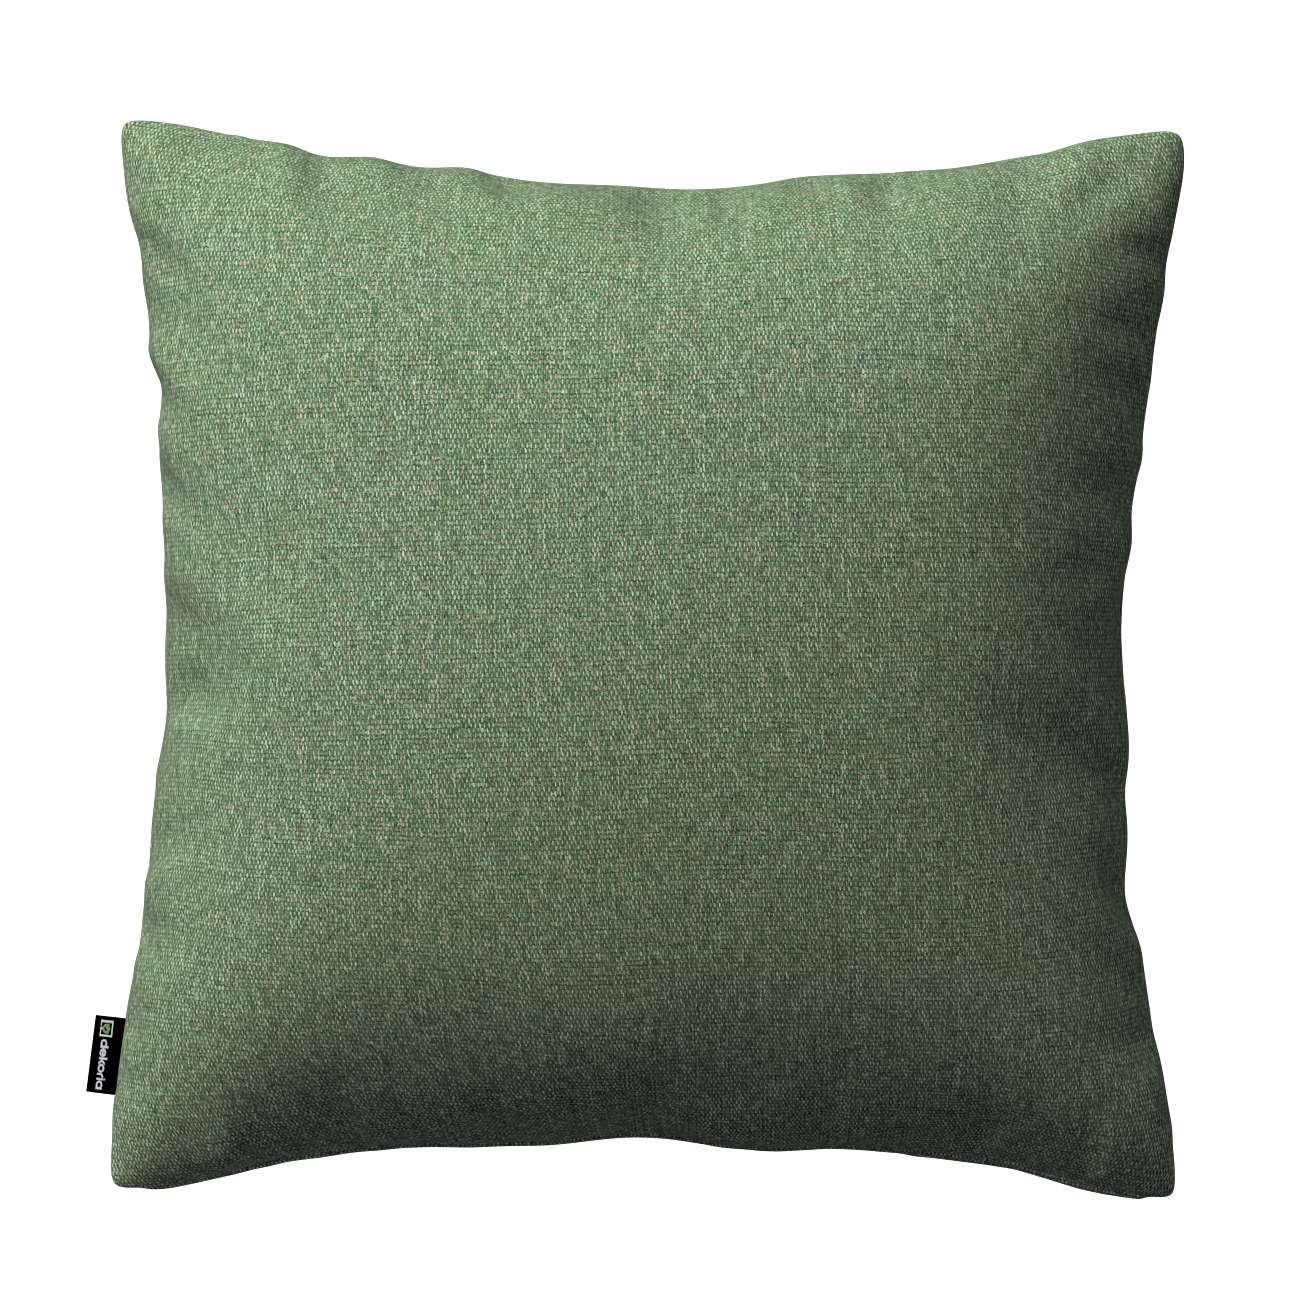 Poszewka Kinga na poduszkę w kolekcji Amsterdam, tkanina: 704-44